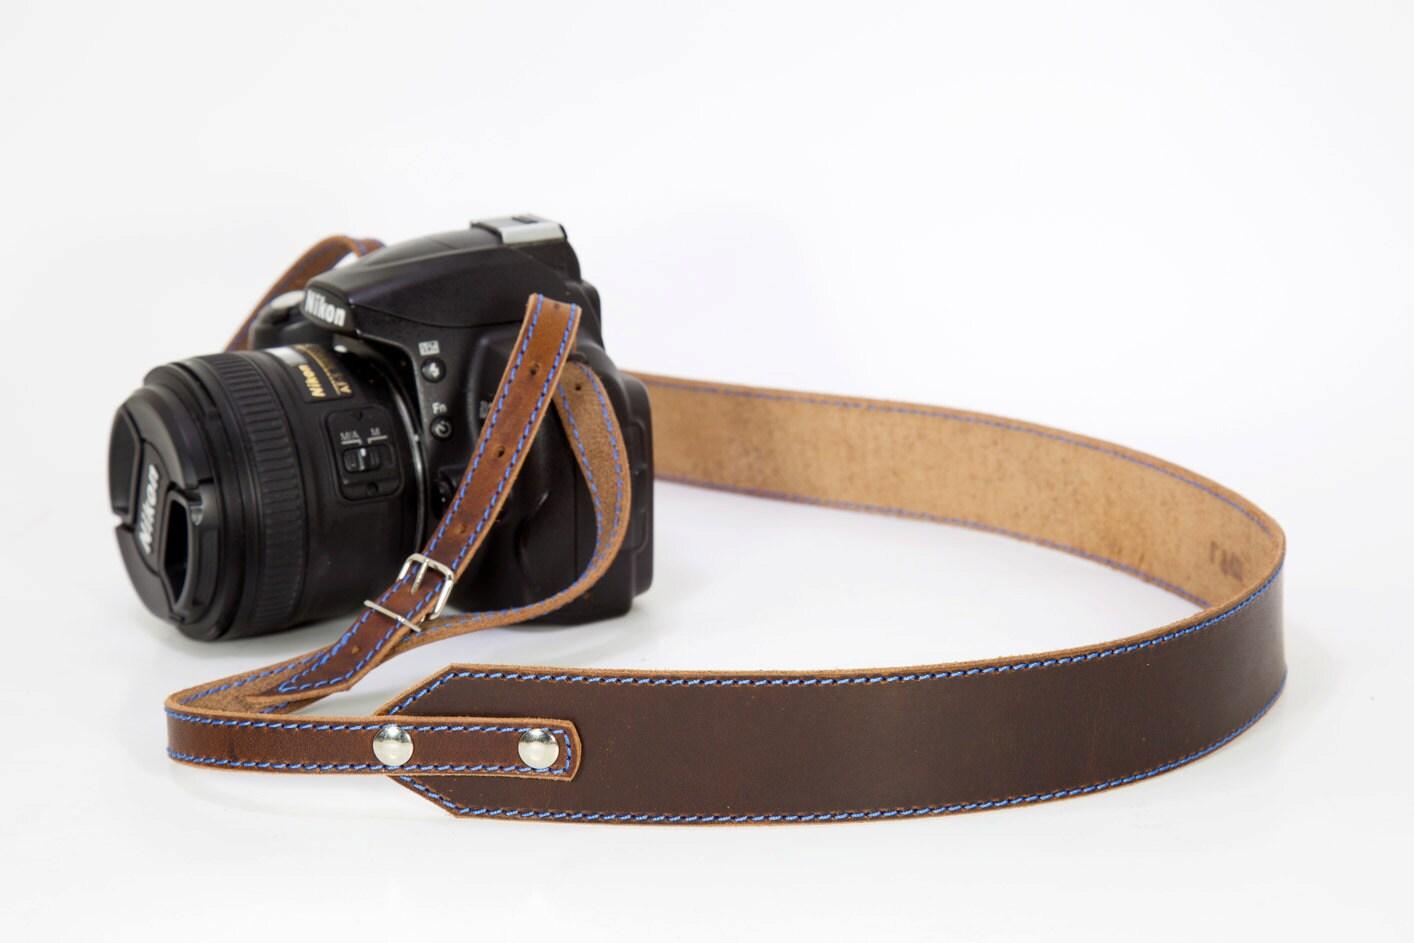 Camera Strap Leather Camera Strap Personalized Camera Strap - photo#11